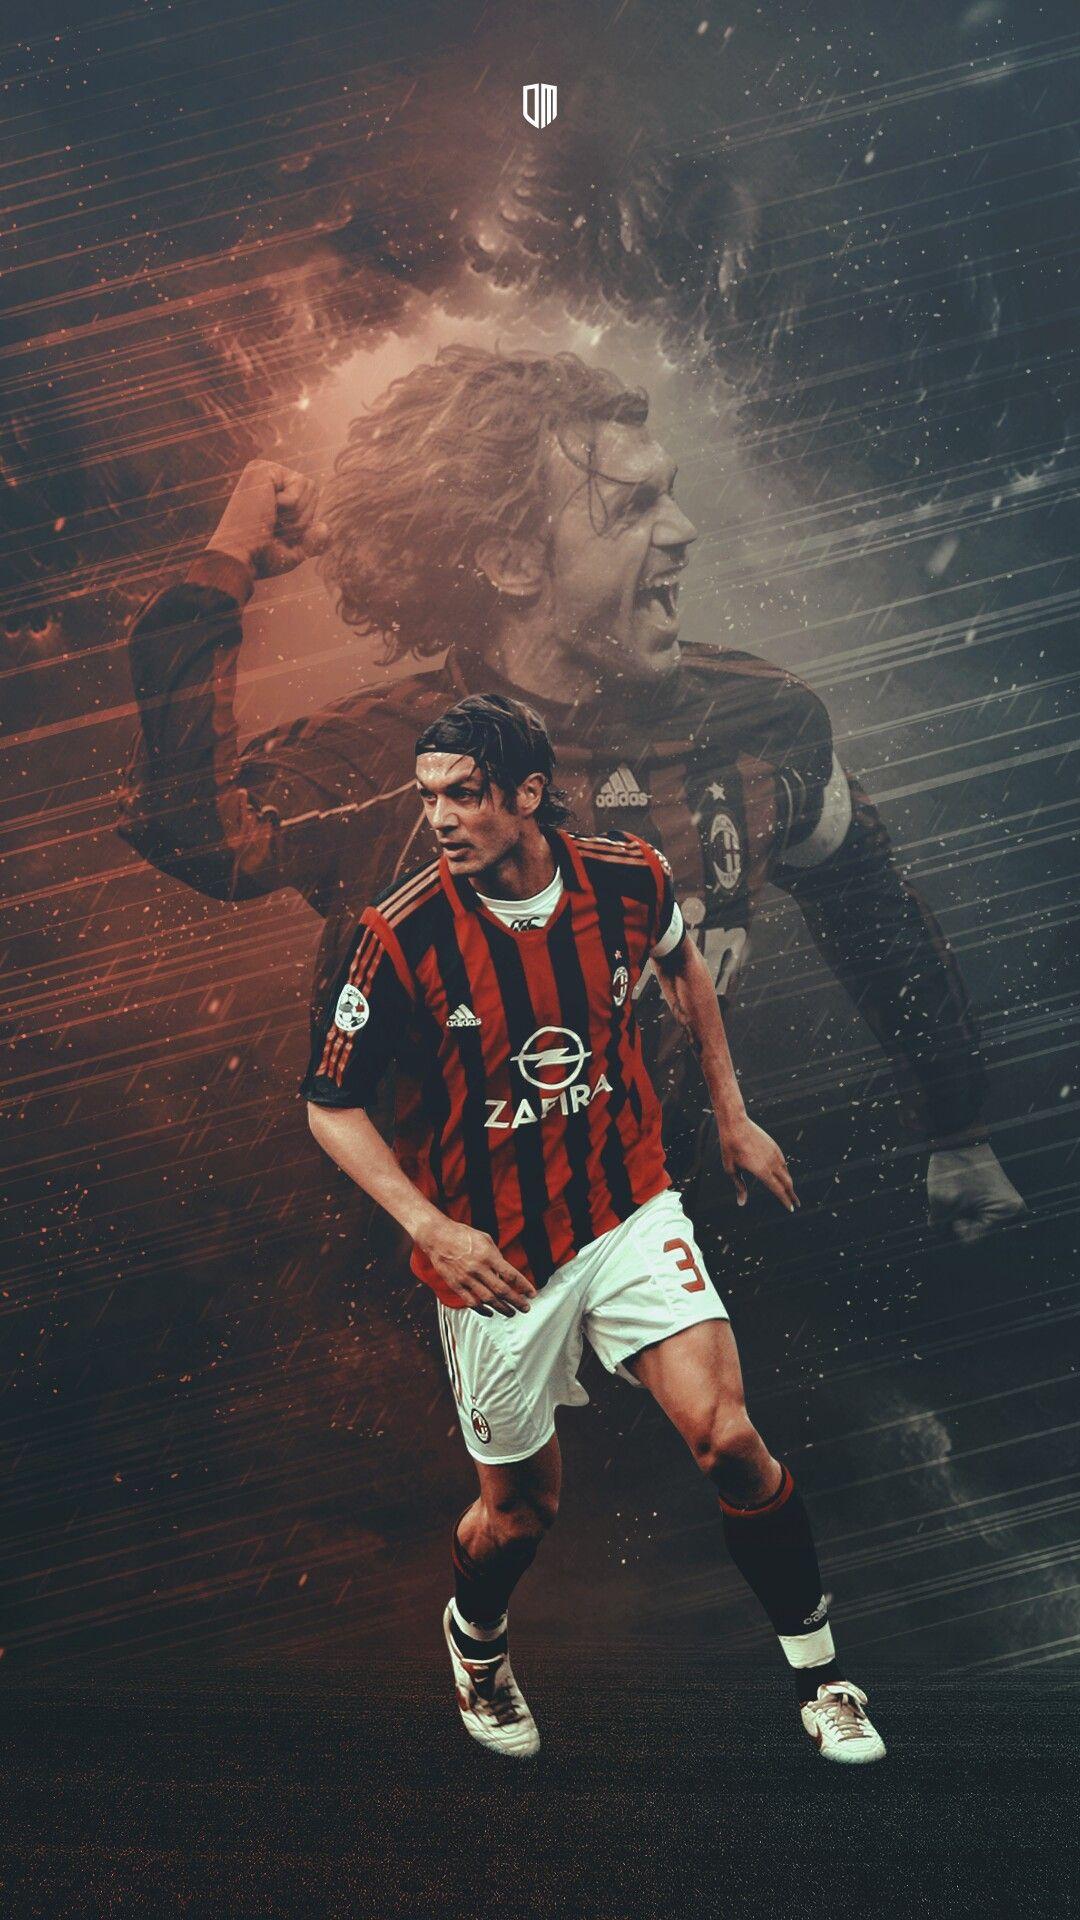 Paolo Maldini Football Legend Milan Foto Di Calcio Squadra Di Calcio Calcio